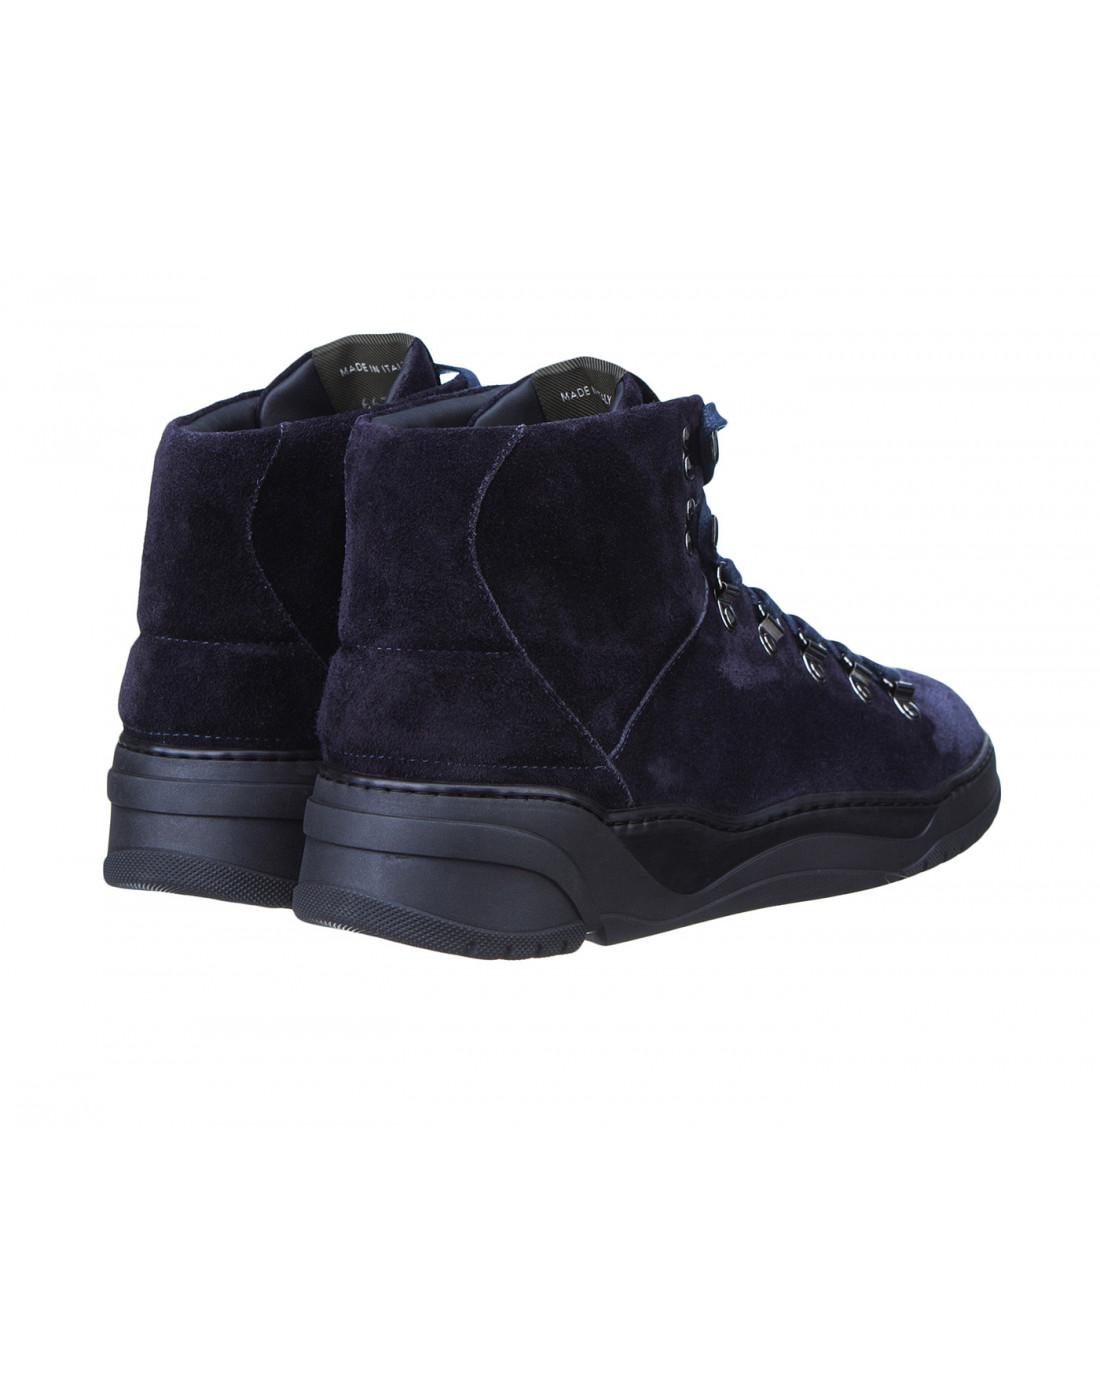 Кроссовки синие мужские Stokton S667 BLUE-3